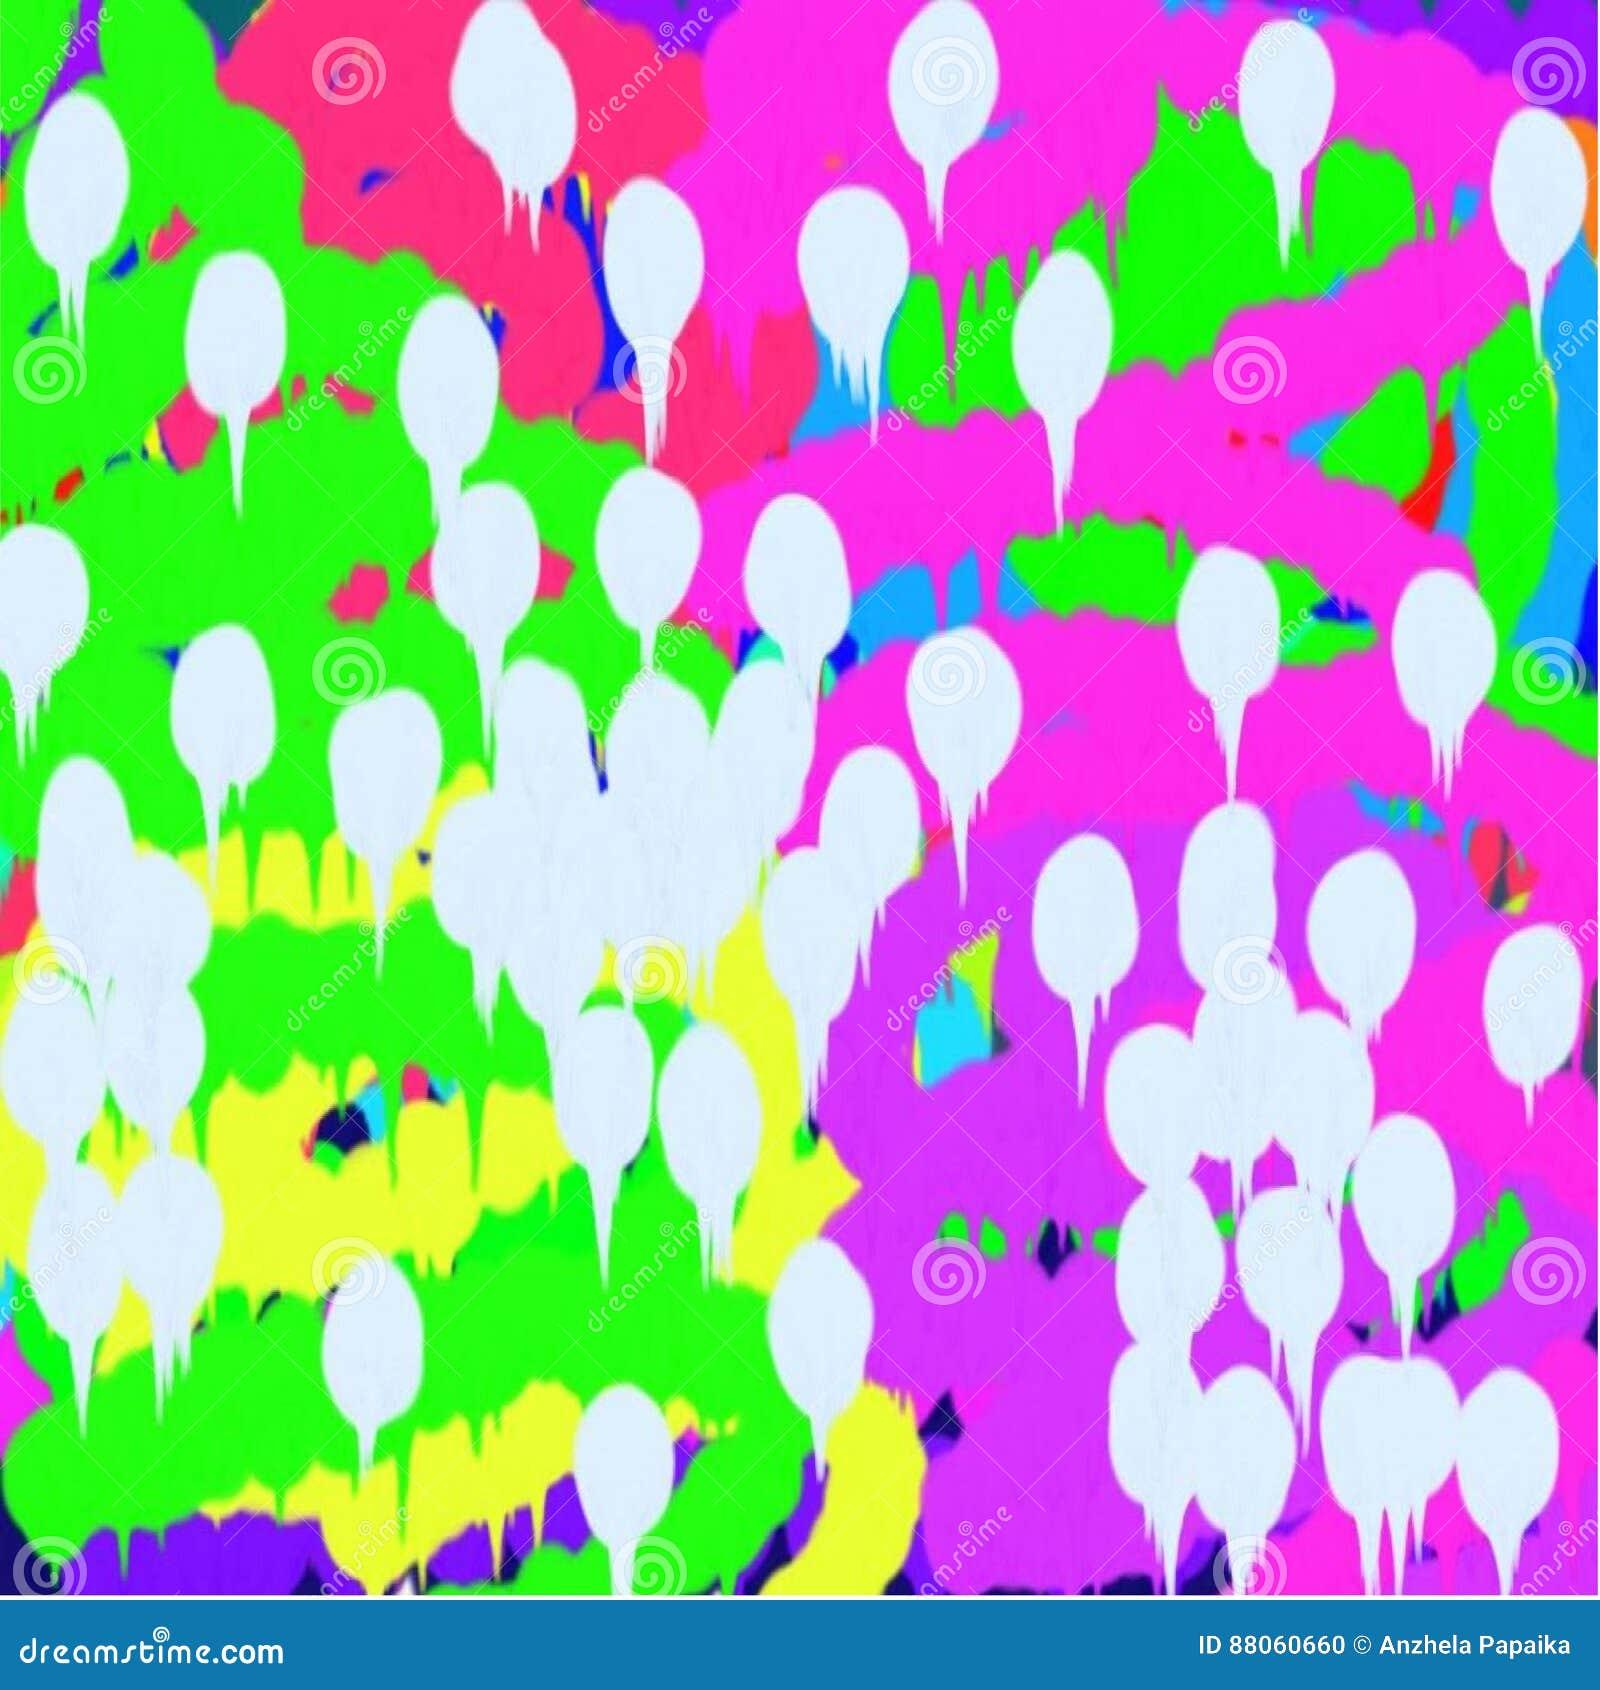 Achtergrond van groene en blauwe en roze lijnen en witte vlekken van diffuse stromende verf